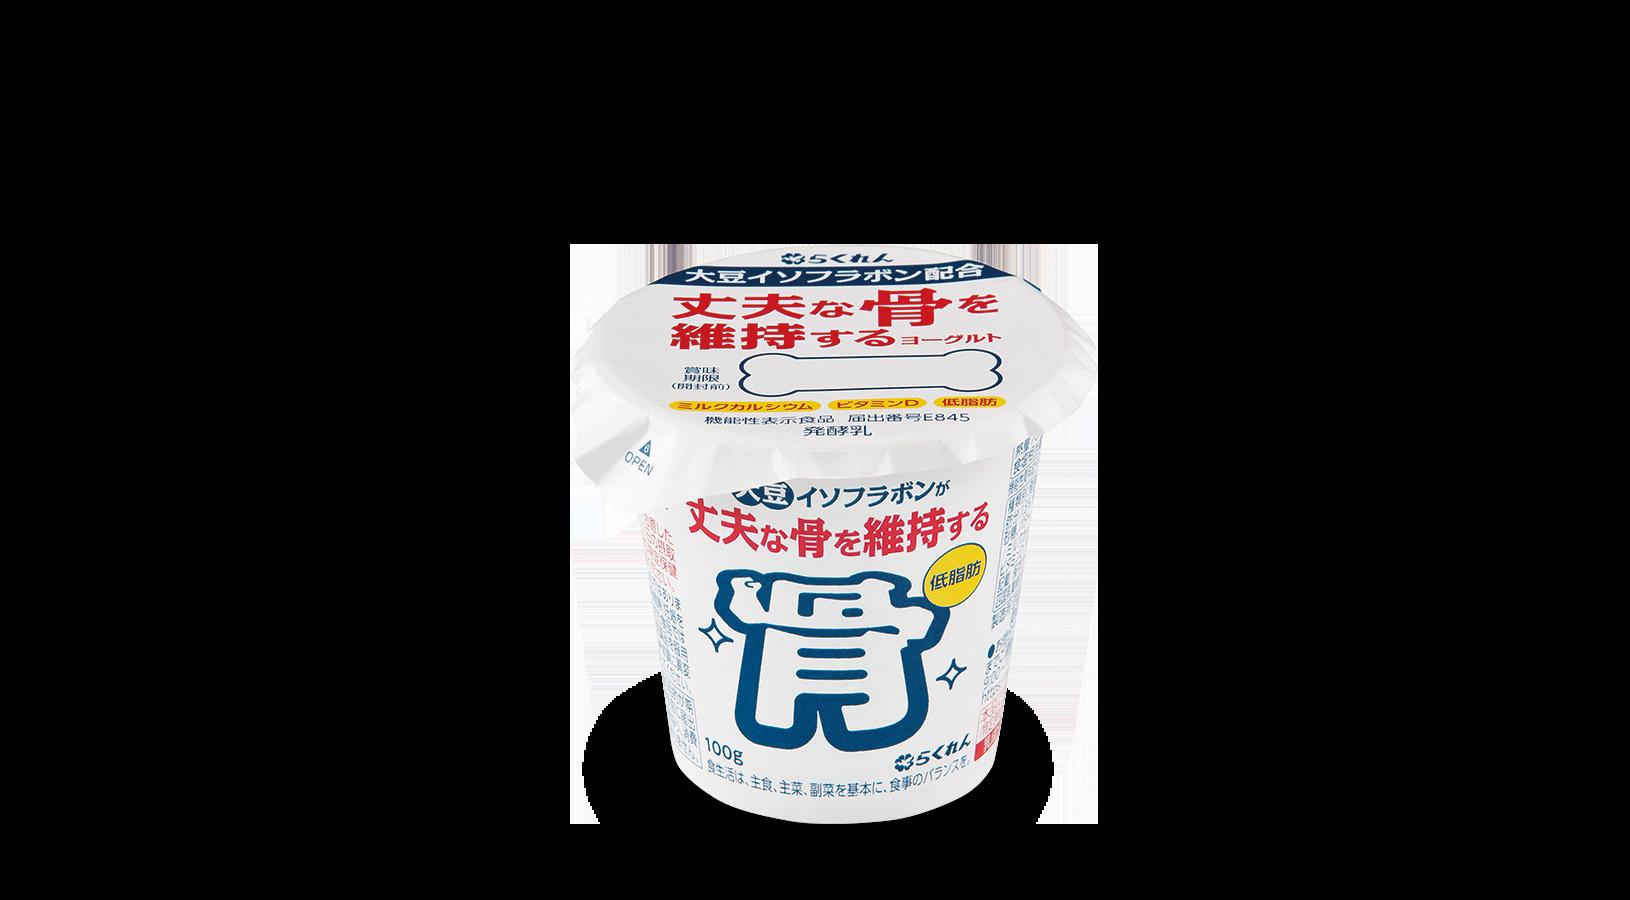 商品イメージ:丈夫な骨を維持するヨーグルト